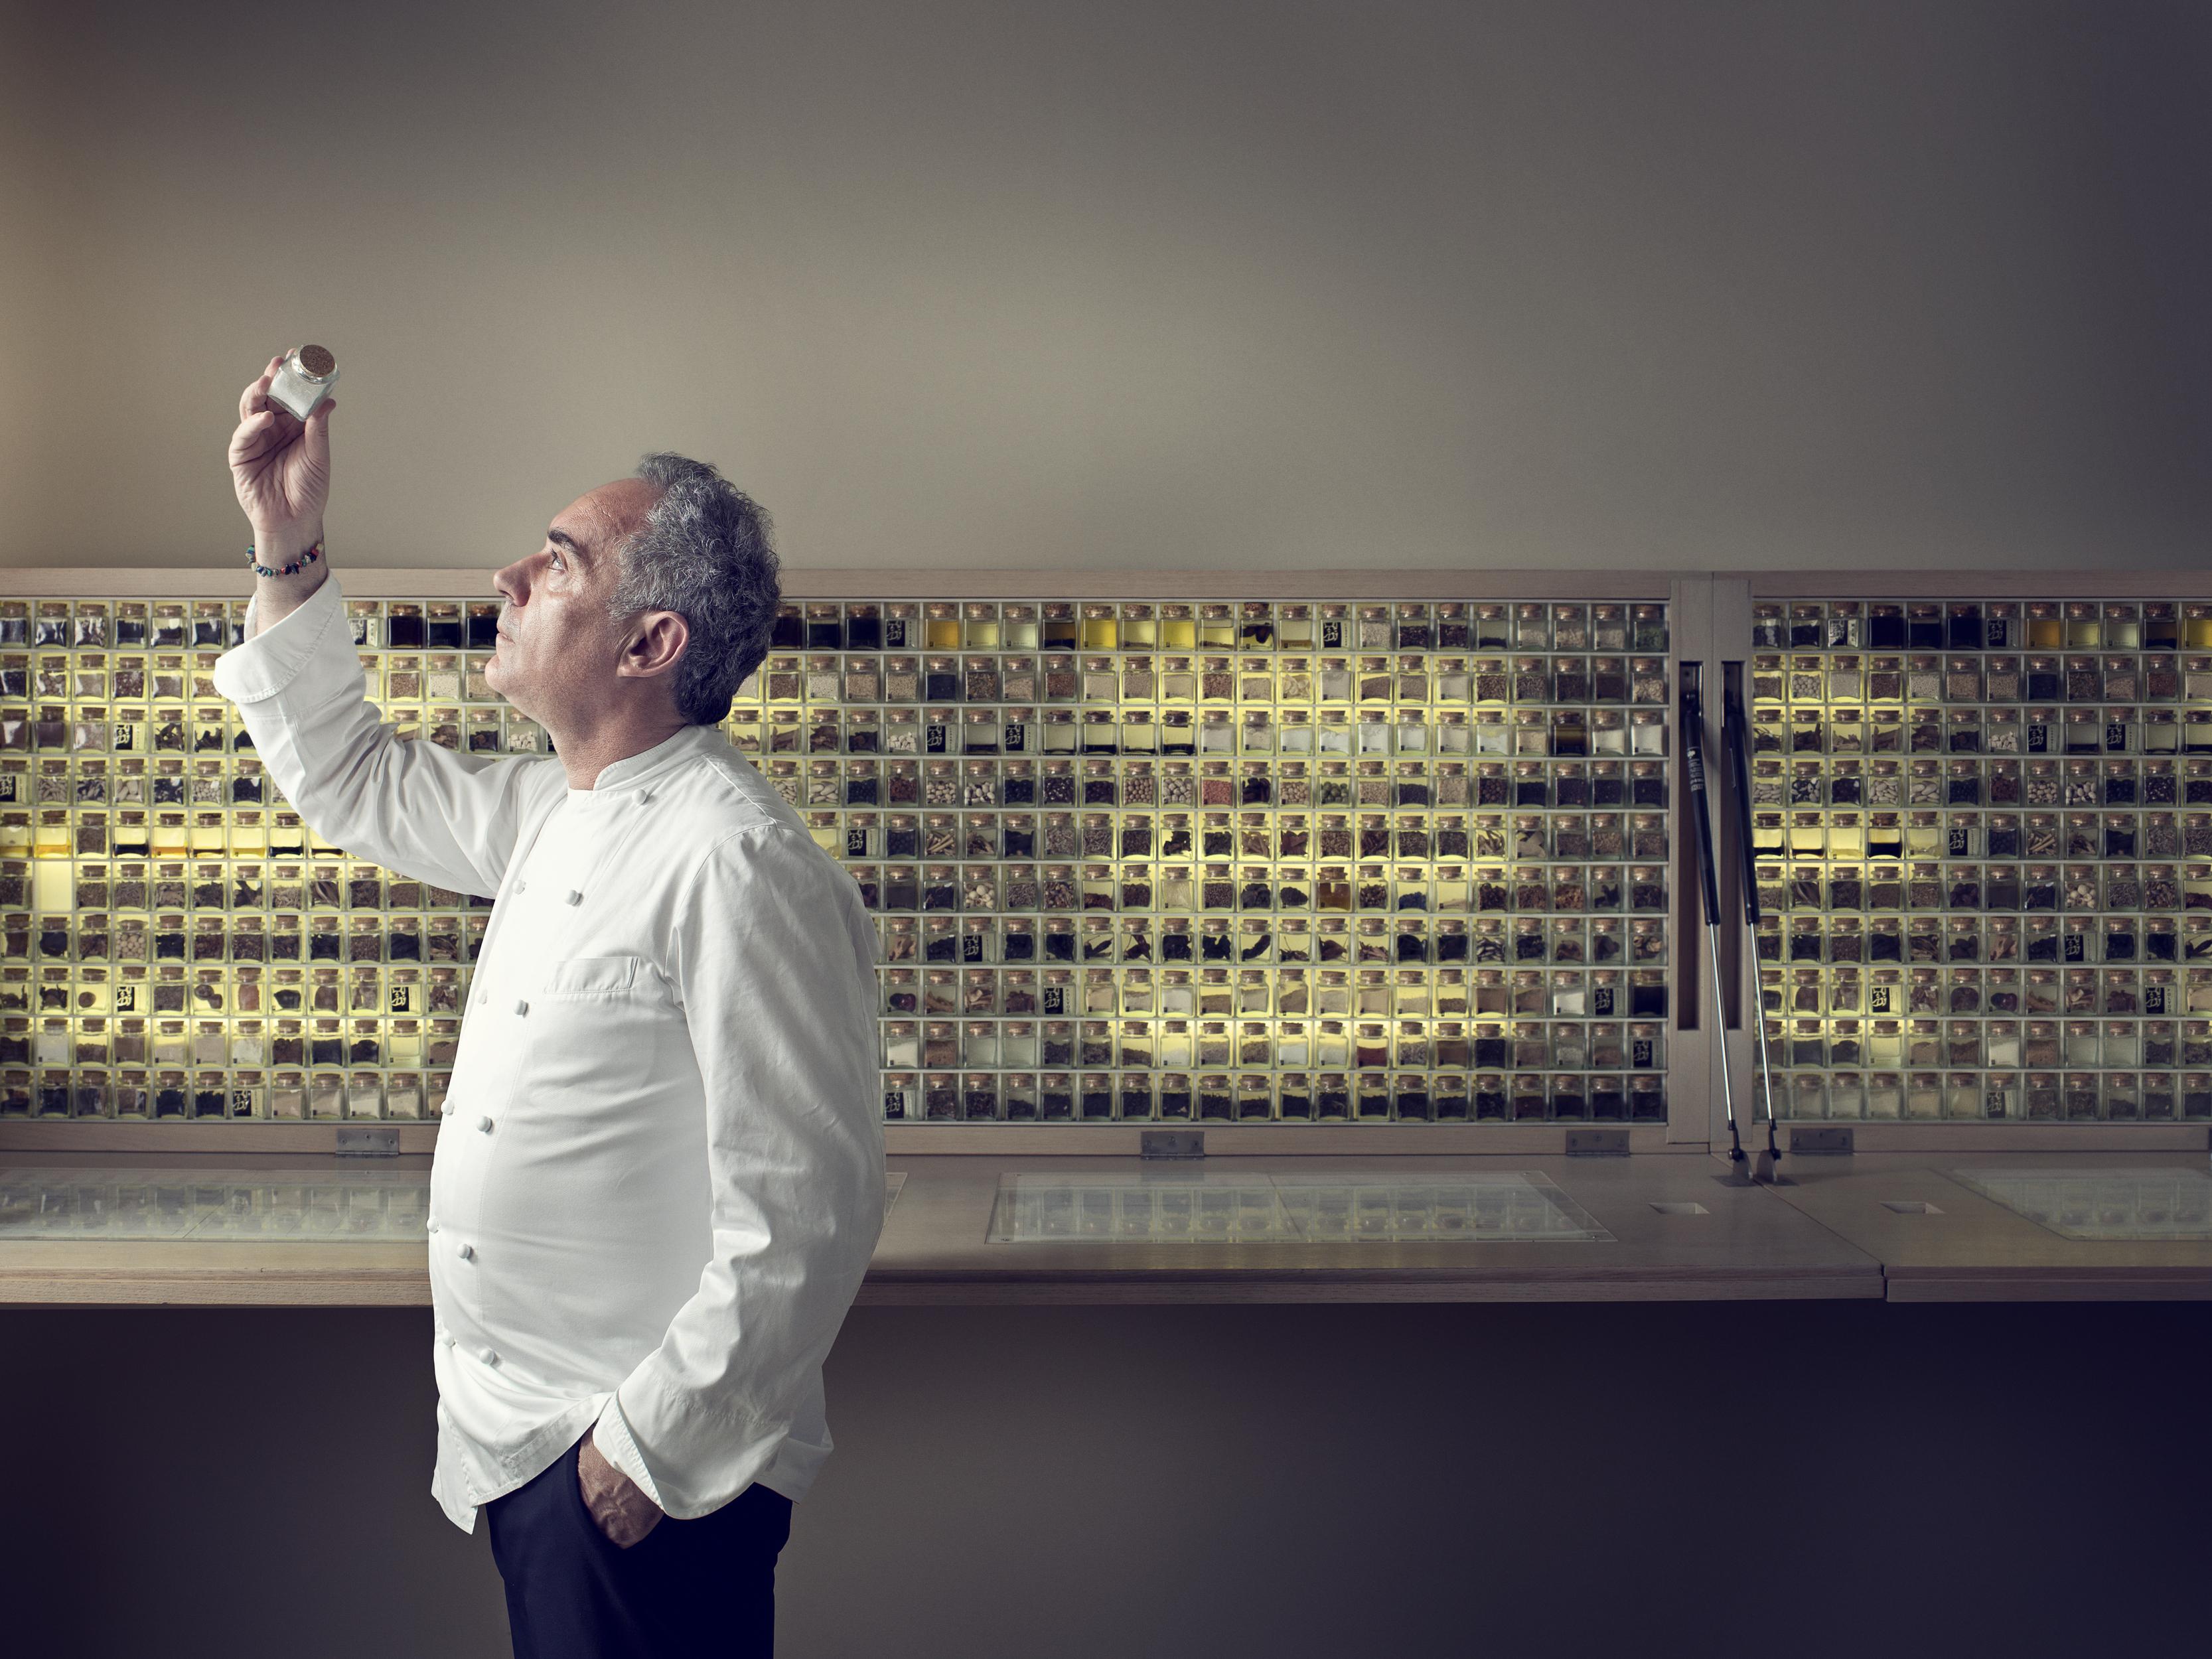 Portrait of chef Ferran Adria in Barcelona by John Keatley for Wired UK.